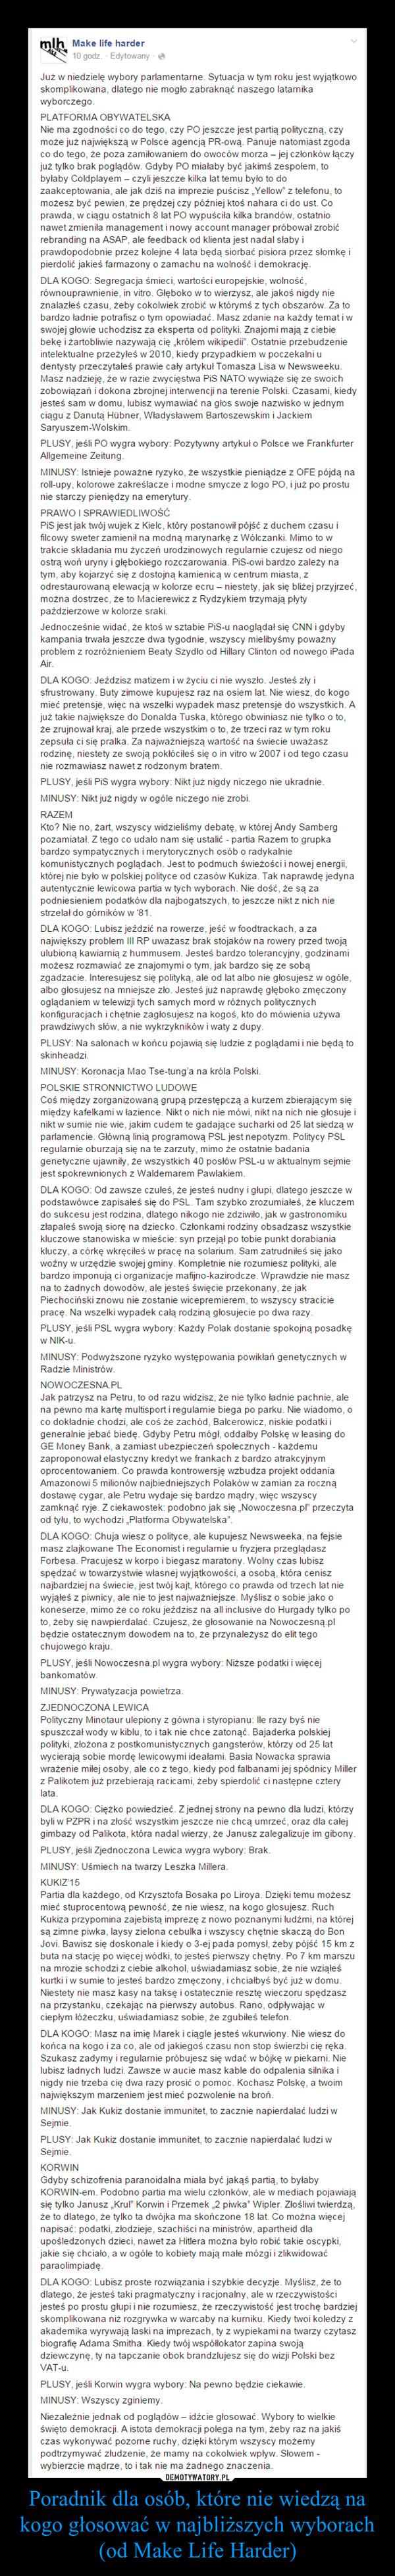 """Poradnik dla osób, które nie wiedzą na kogo głosować w najbliższych wyborach (od Make Life Harder) –  Już w niedzielę wybory parlamentarne. Sytuacja w tym roku jest wyjątkowo skomplikowana, dlatego nie mogło zabraknąć naszego latarnika wyborczego.PLATFORMA OBYWATELSKA Nie ma zgodności co do tego, czy PO jeszcze jest partią polityczną, czy może już największą w Polsce agencją PR-ową. Panuje natomiast zgoda co do tego, że poza zamiłowaniem do owoców morza – jej członków łączy już tylko brak poglądów. Gdyby PO miałaby być jakimś zespołem, to byłaby Coldplayem – czyli jeszcze kilka lat temu było to do zaakceptowania, ale jak dziś na imprezie puścisz """"Yellow"""" z telefonu, to możesz być pewien, że prędzej czy później ktoś nahara ci do ust. Co prawda, w ciągu ostatnich 8 lat PO wypuściła kilka brandów, ostatnio nawet zmieniła management i nowy account manager próbował zrobić rebranding na ASAP, ale feedback od klienta jest nadal słaby i prawdopodobnie przez kolejne 4 lata będą siorbać pisiora przez słomkę i pierdolić jakieś farmazony o zamachu na wolność i demokrację.DLA KOGO: Segregacja śmieci, wartości europejskie, wolność, równouprawnienie, in vitro. Głęboko w to wierzysz, ale jakoś nigdy nie znalazłeś czasu, żeby cokolwiek zrobić w którymś z tych obszarów. Za to bardzo ładnie potrafisz o tym opowiadać. Masz zdanie na każdy temat i w swojej głowie uchodzisz za eksperta od polityki. Znajomi mają z ciebie bekę i żartobliwie nazywają cię """"królem wikipedii"""". Ostatnie przebudzenie intelektualne przeżyłeś w 2010, kiedy przypadkiem w poczekalni u dentysty przeczytałeś prawie cały artykuł Tomasza Lisa w Newsweeku. Masz nadzieję, że w razie zwycięstwa PiS NATO wywiąże się ze swoich zobowiązań i dokona zbrojnej interwencji na terenie Polski. Czasami, kiedy jesteś sam w domu, lubisz wymawiać na głos swoje nazwisko w jednym ciągu z Danutą Hübner, Władysławem Bartoszewskim i Jackiem Saryuszem-Wolskim.PLUSY, jeśli PO wygra wybory: Pozytywny artykuł o Polsce we Frankfurter Allgemeine Z"""